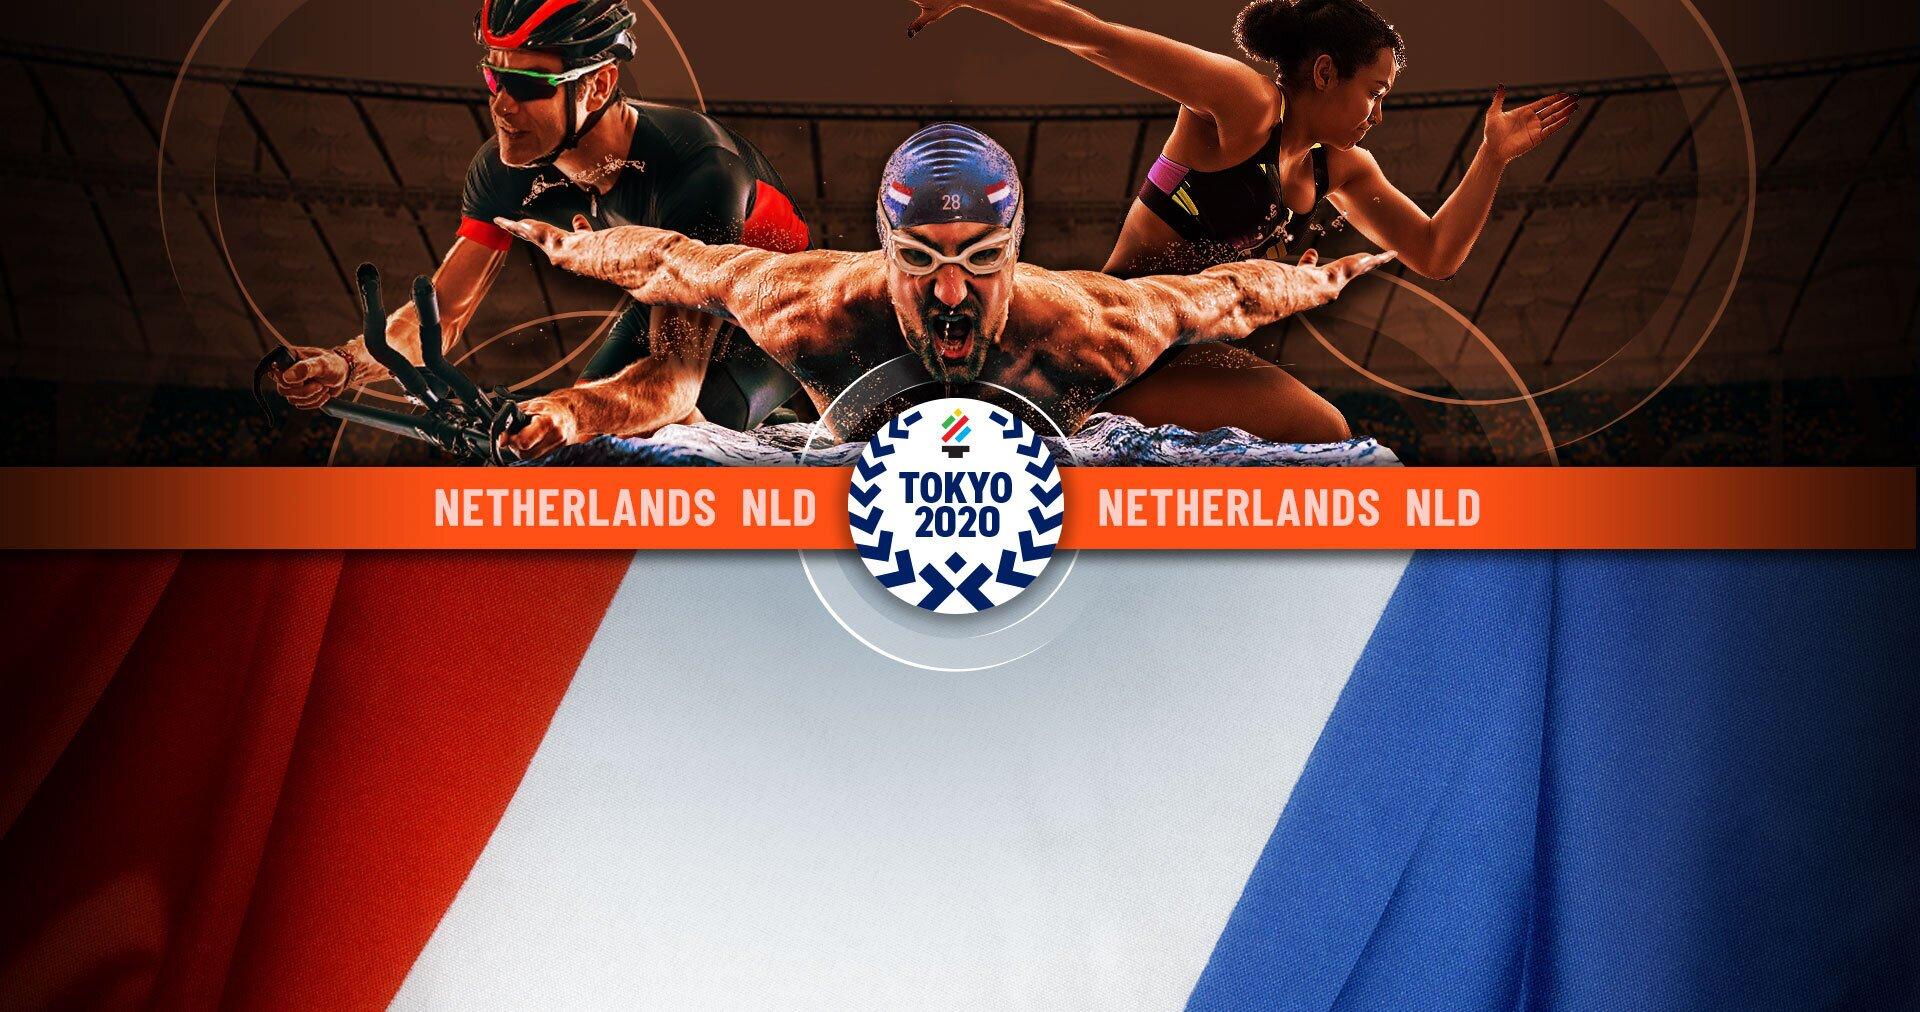 Atleten met Nederlandse vlag op de Olympische spelen